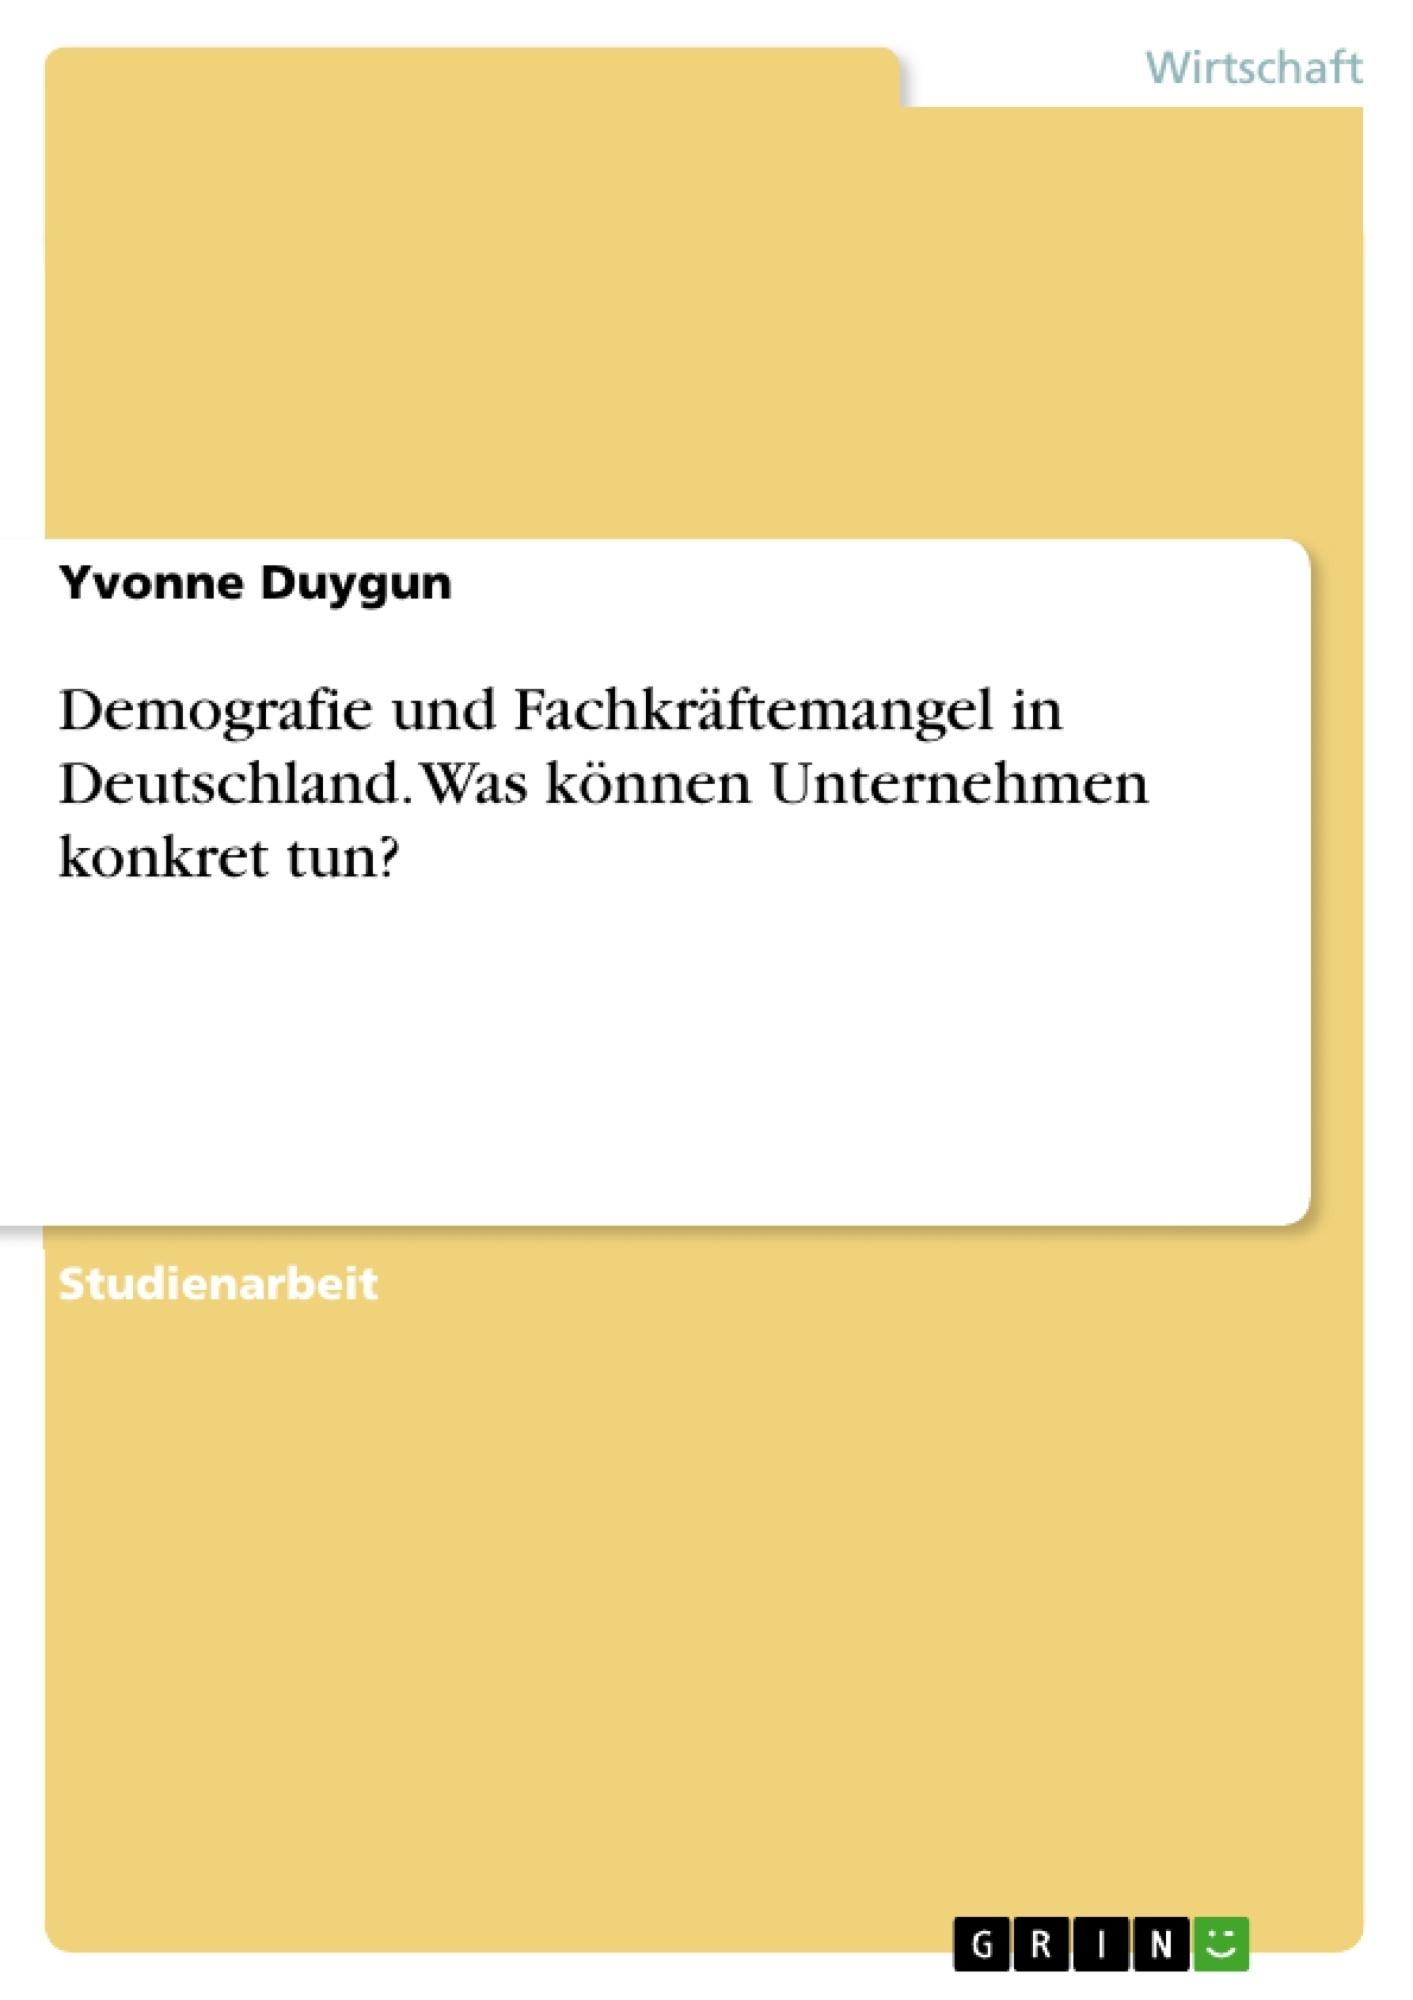 Titel: Demografie und Fachkräftemangel in Deutschland. Was können Unternehmen konkret tun?